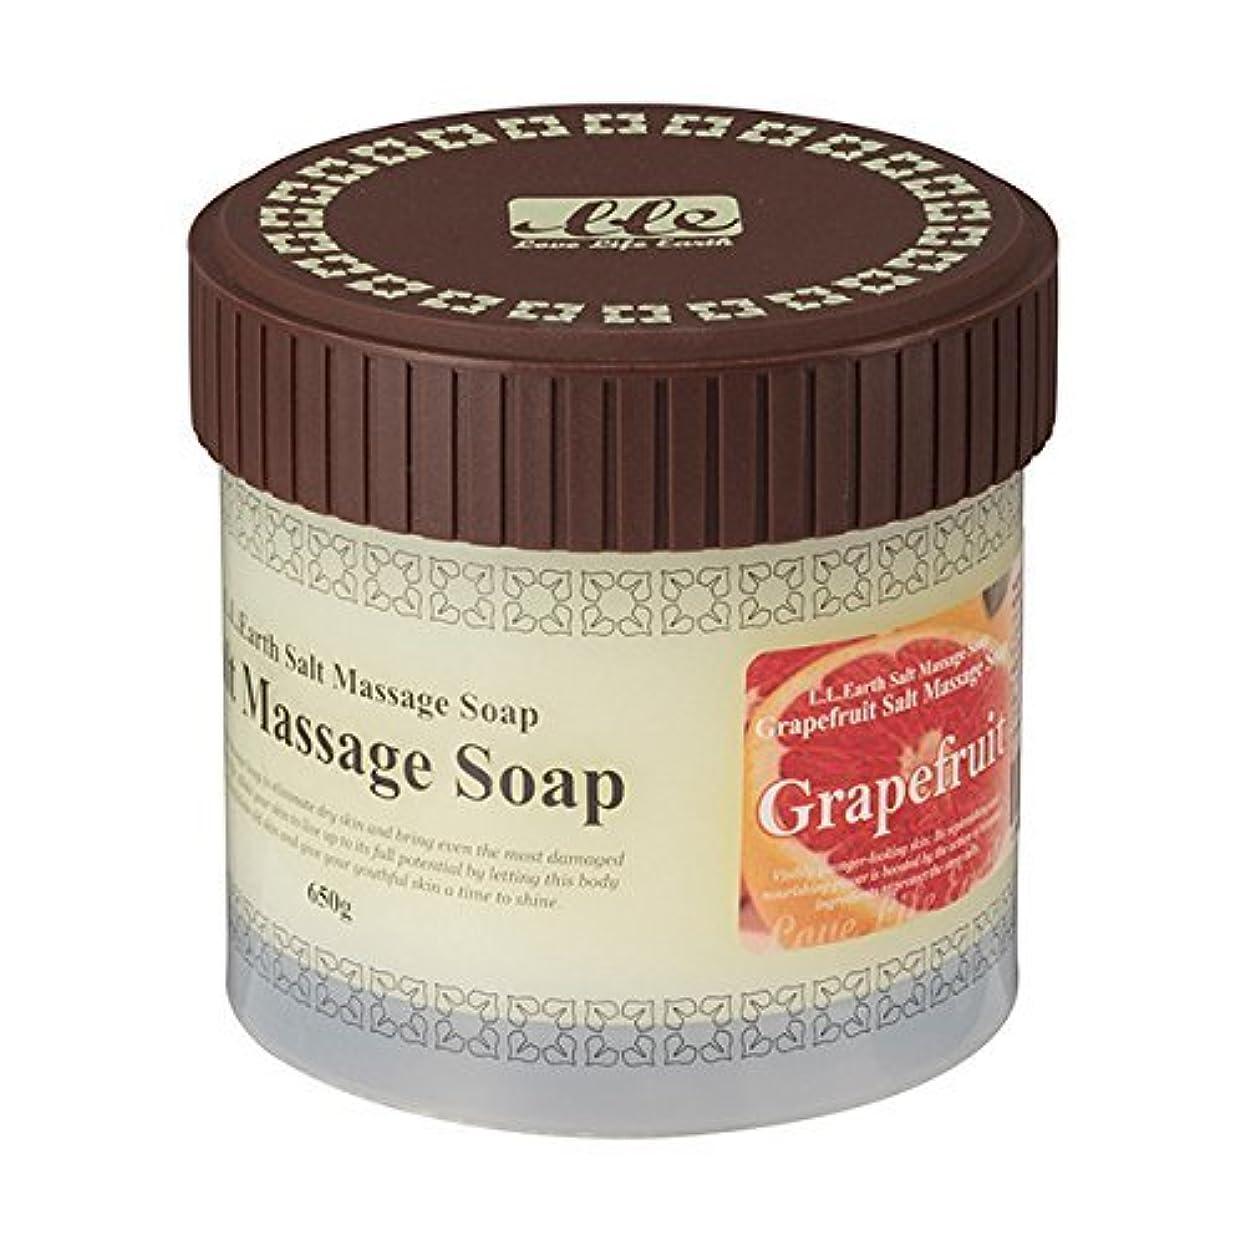 隣人船好むLLE 業務用 ソルトマッサージソープ 650g [選べる香り5種類] ( ボディ用 スクラブ ) グレープフルーツ